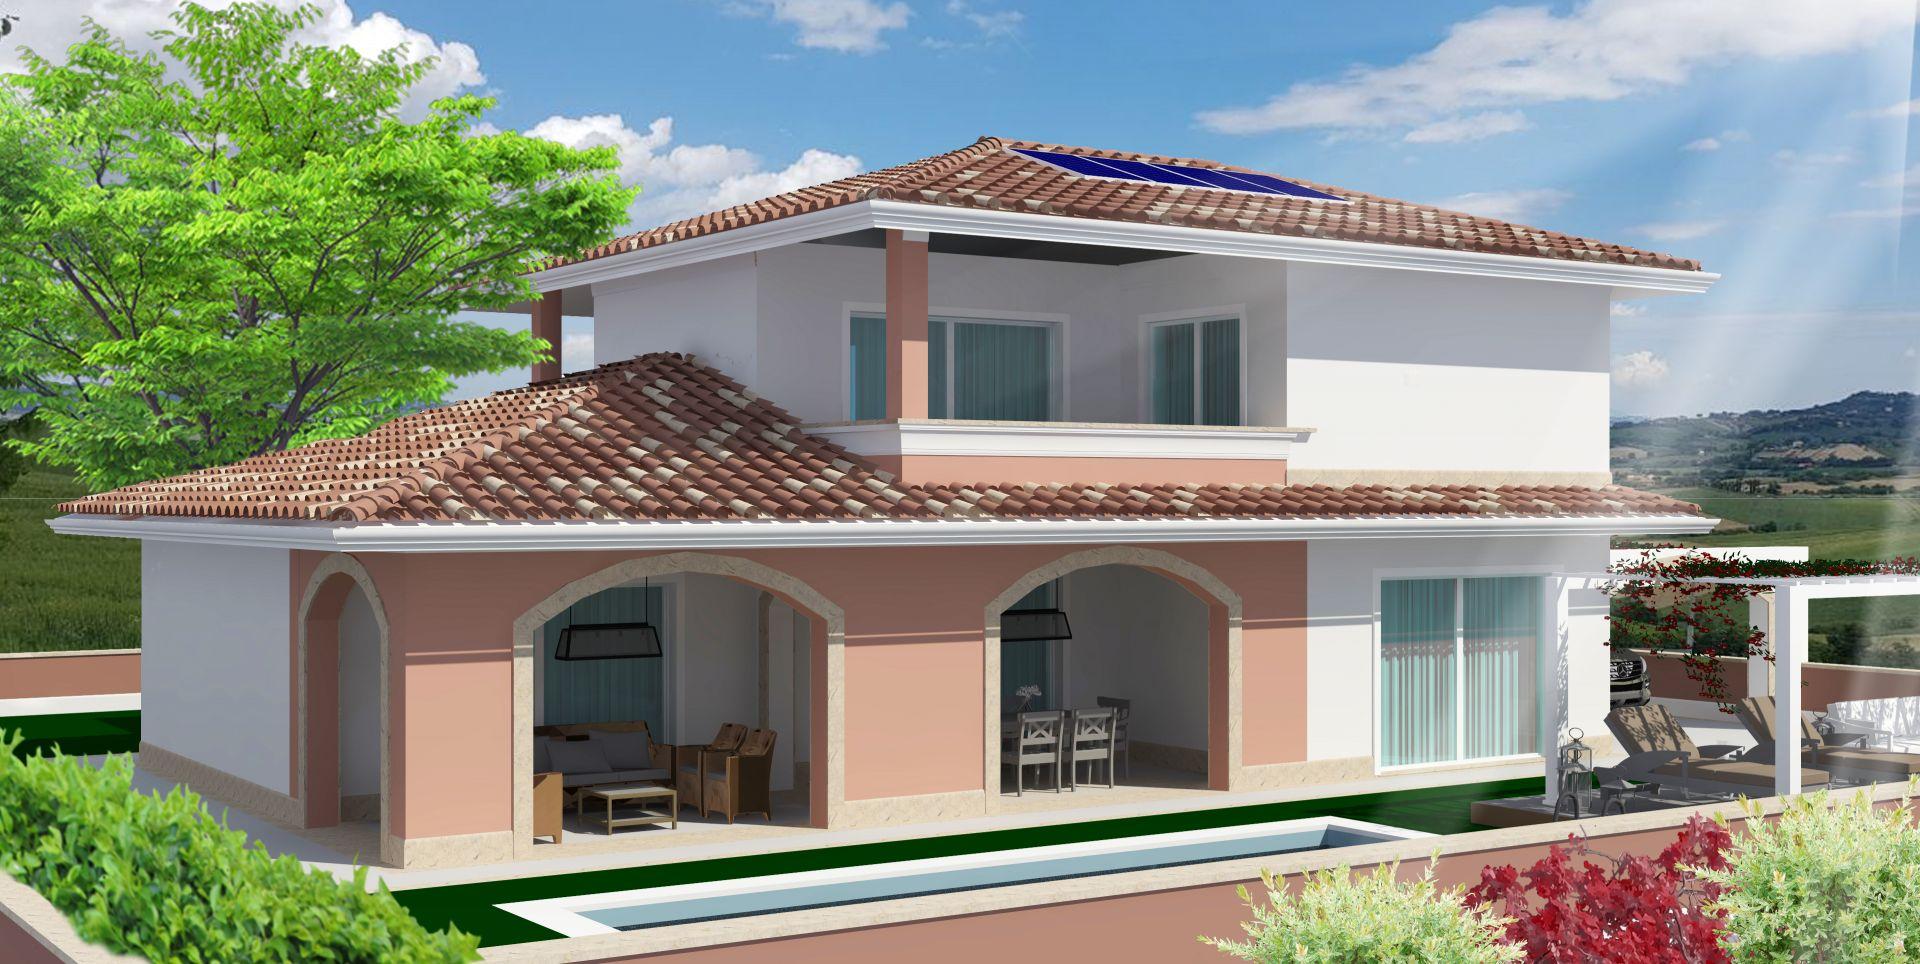 Casa legno 100 mq luminosa ed accogliente casa di ca mq - Progetto casa 100 mq ...